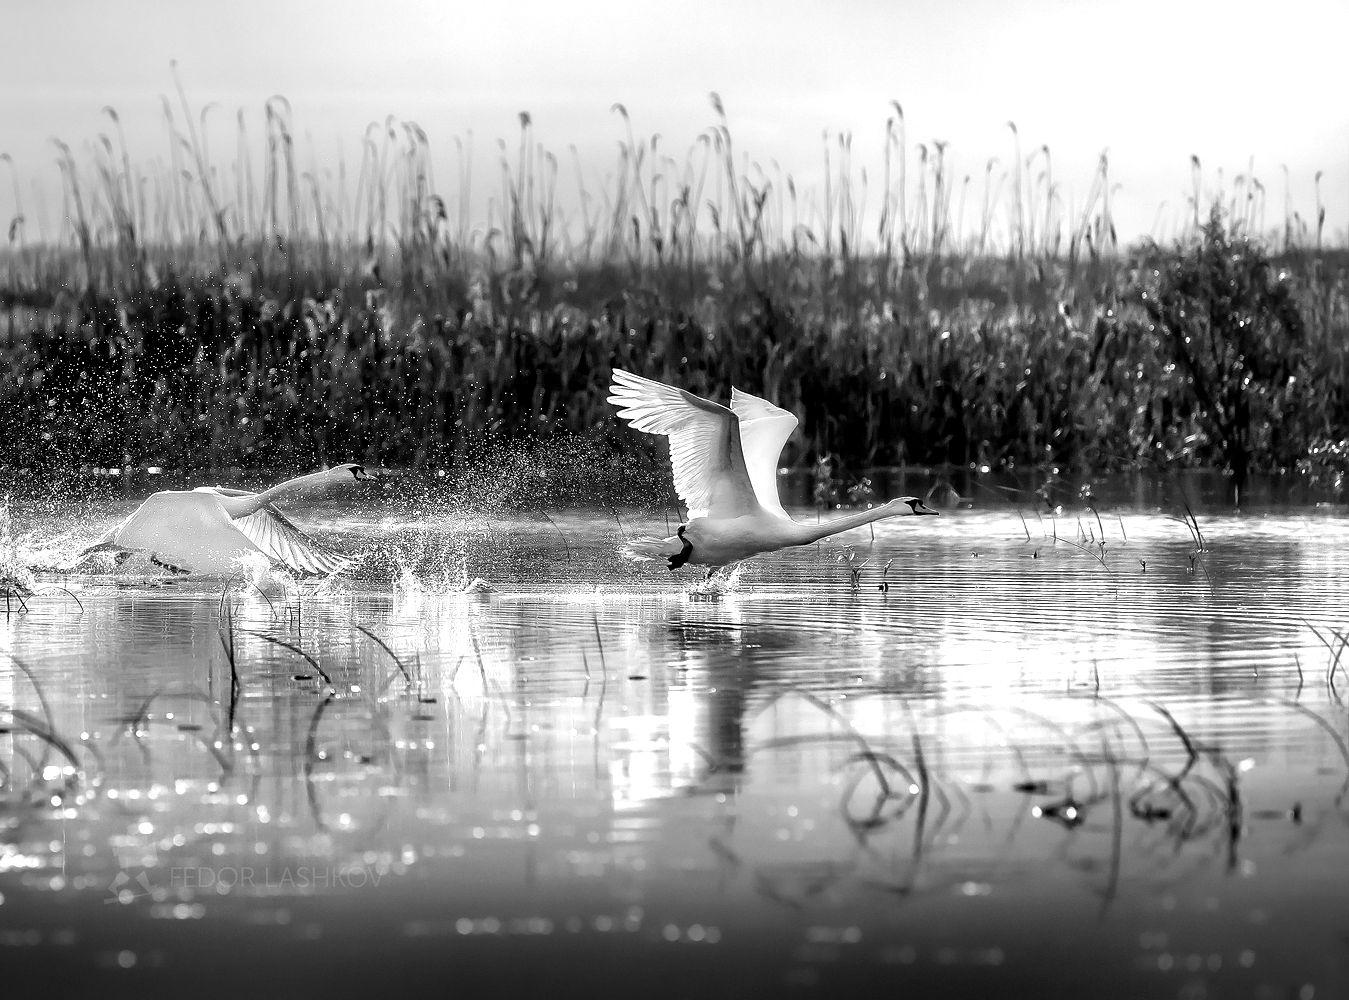 Звонкая мелодия взлёта Чёрно-белое лебедь лебеди на взлёте дикая природа птица дельта Волги Волга река взлёт